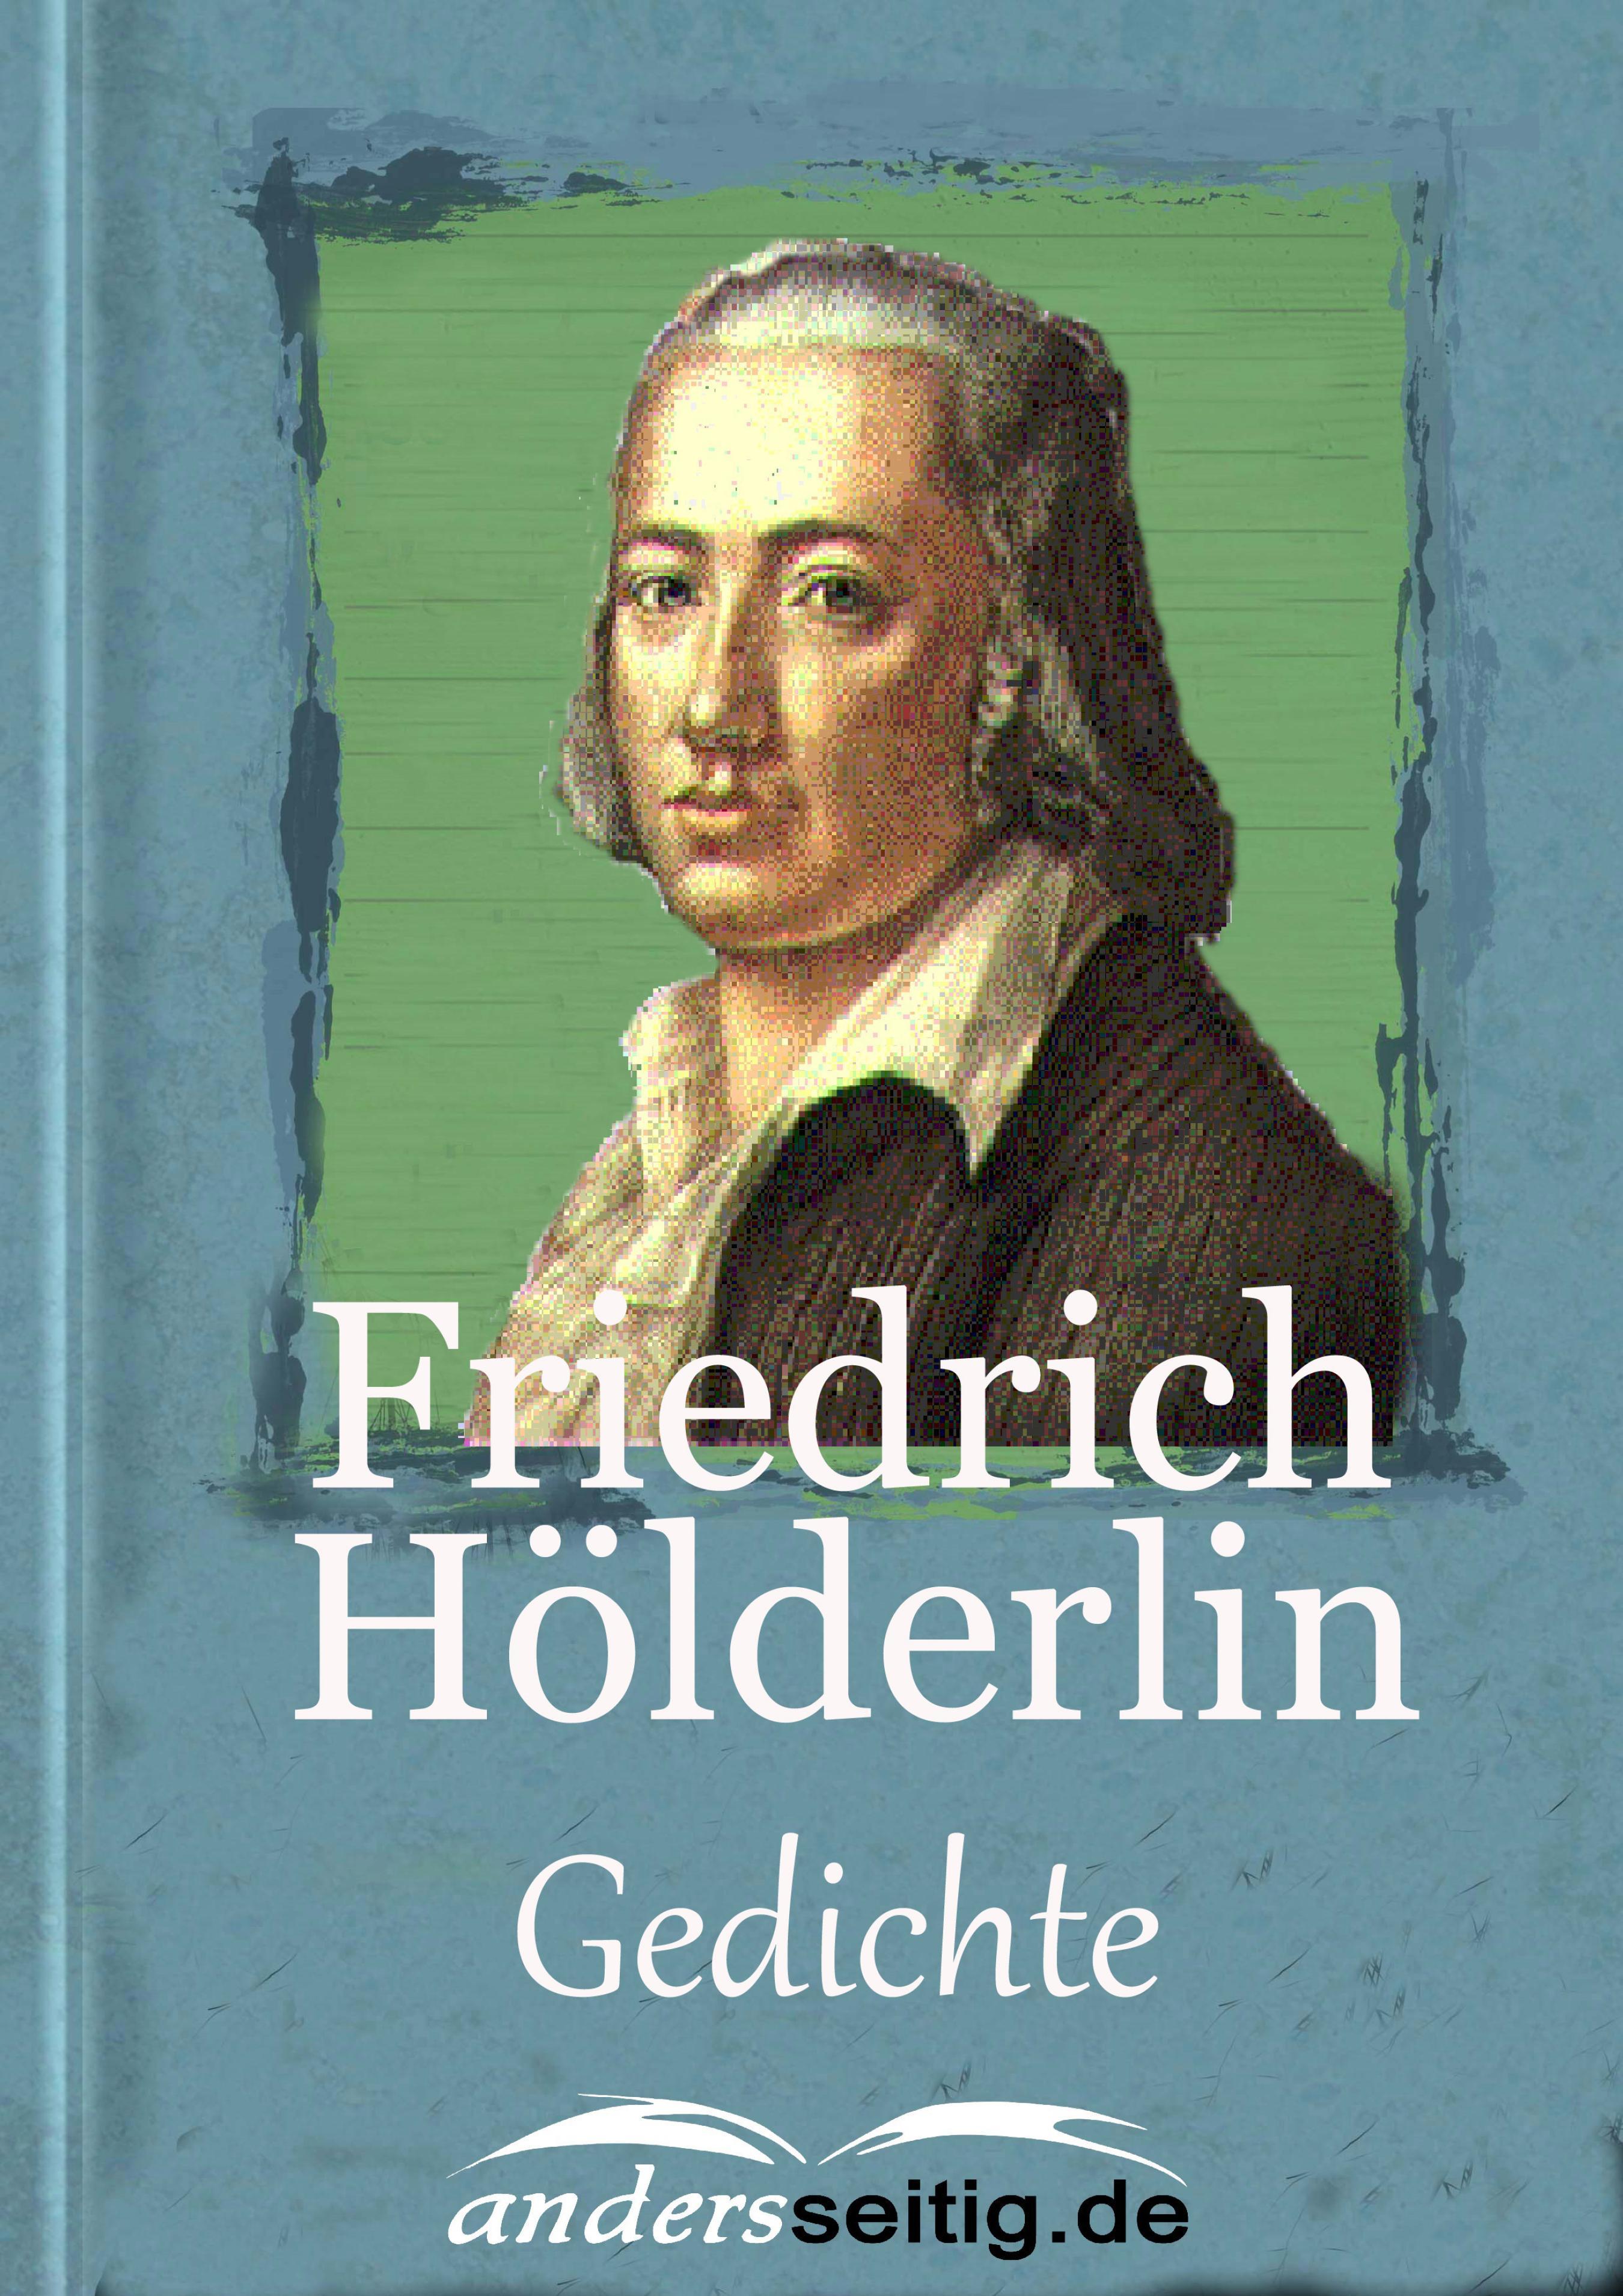 Friedrich Holderlin Wohl geh ich täglich andere Pfade ...